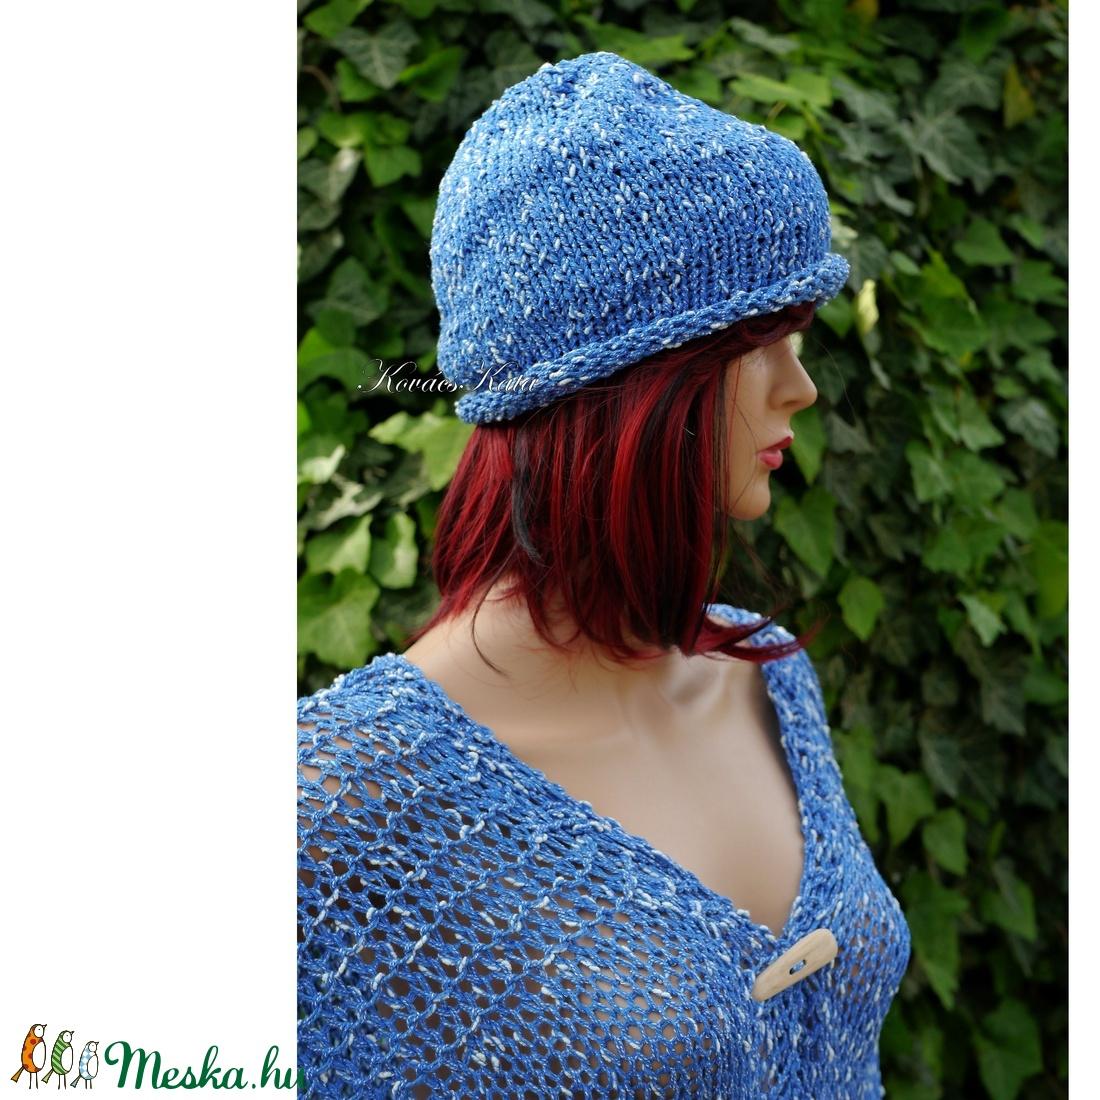 BEANIE/kék - trendi kézzel kötött sapka  - ruha & divat - sál, sapka, kendő - sapka - Meska.hu